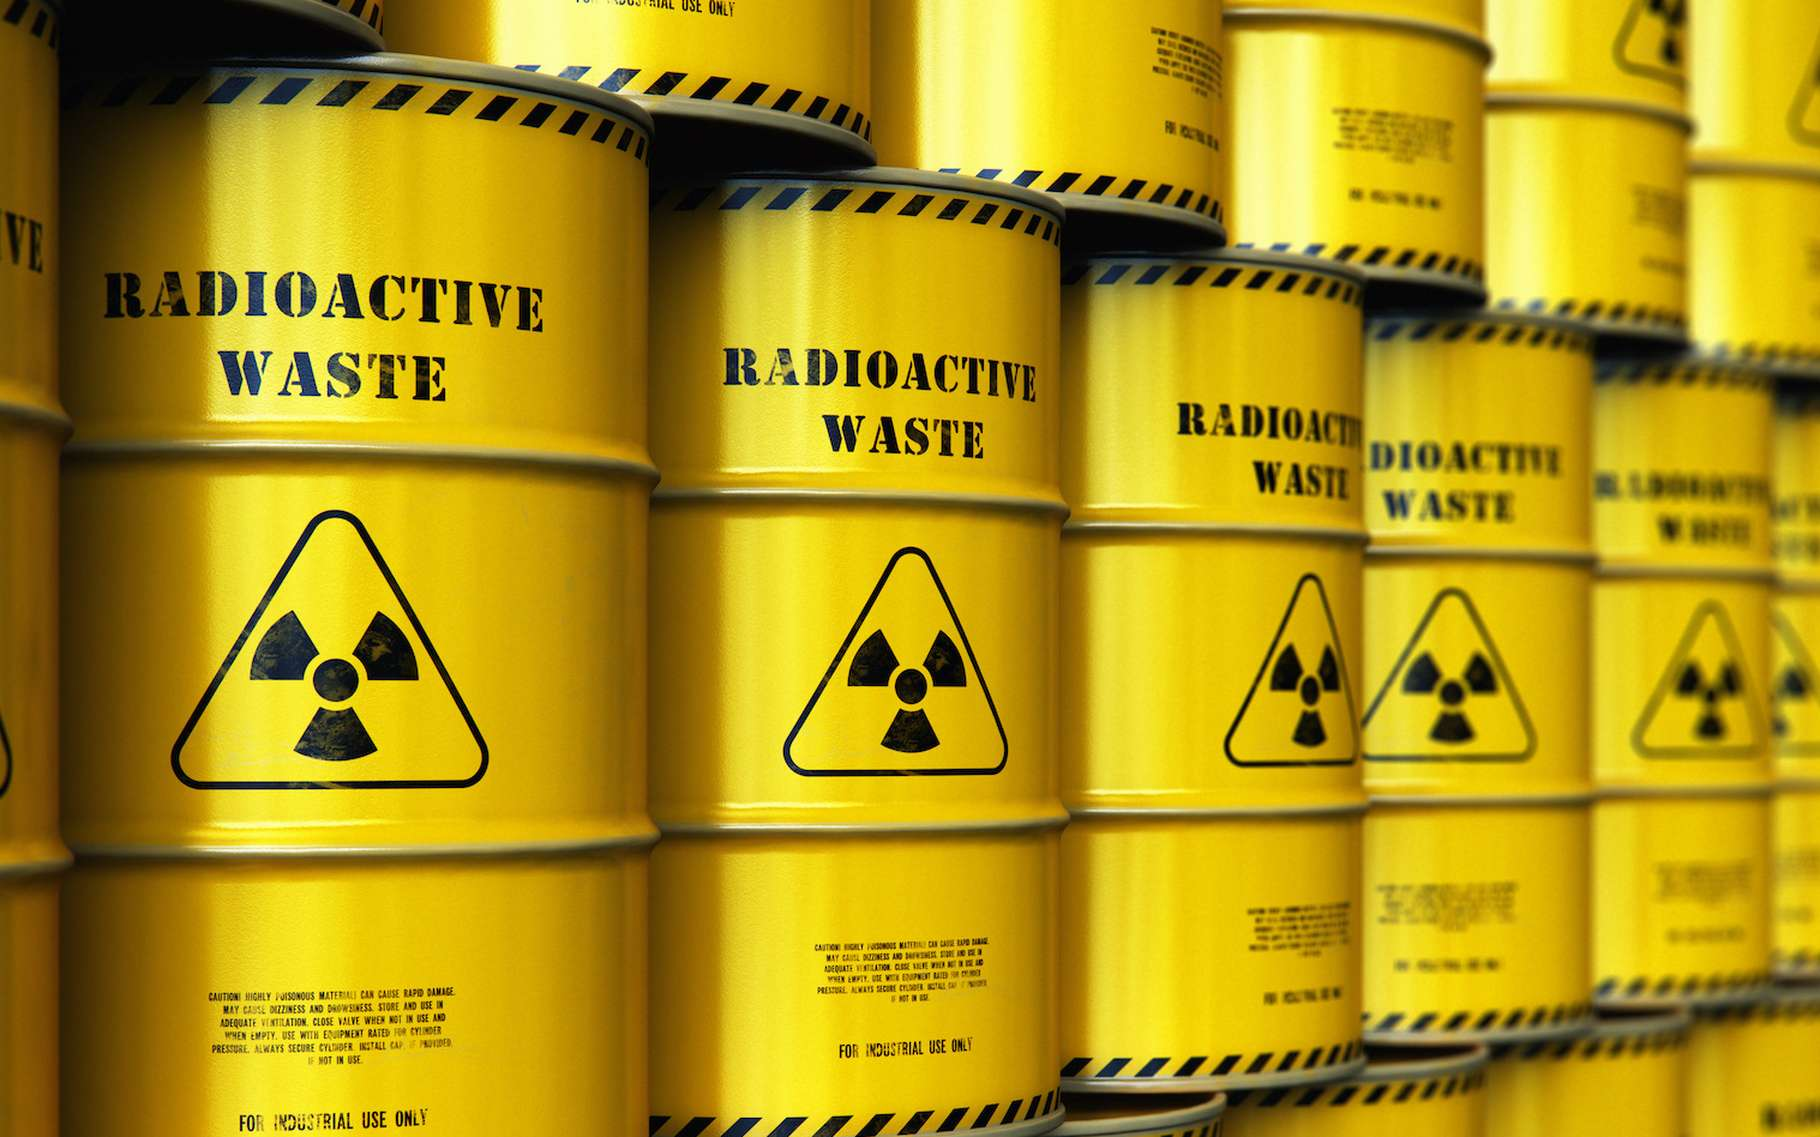 Des chercheurs de l'université de l'État de l'Ohio (États-Unis) attirent l'attention sur la fragilité du stockage des déchets nucléaires sous certaines conditions environnementales. © Scanrail, Adobe Stock